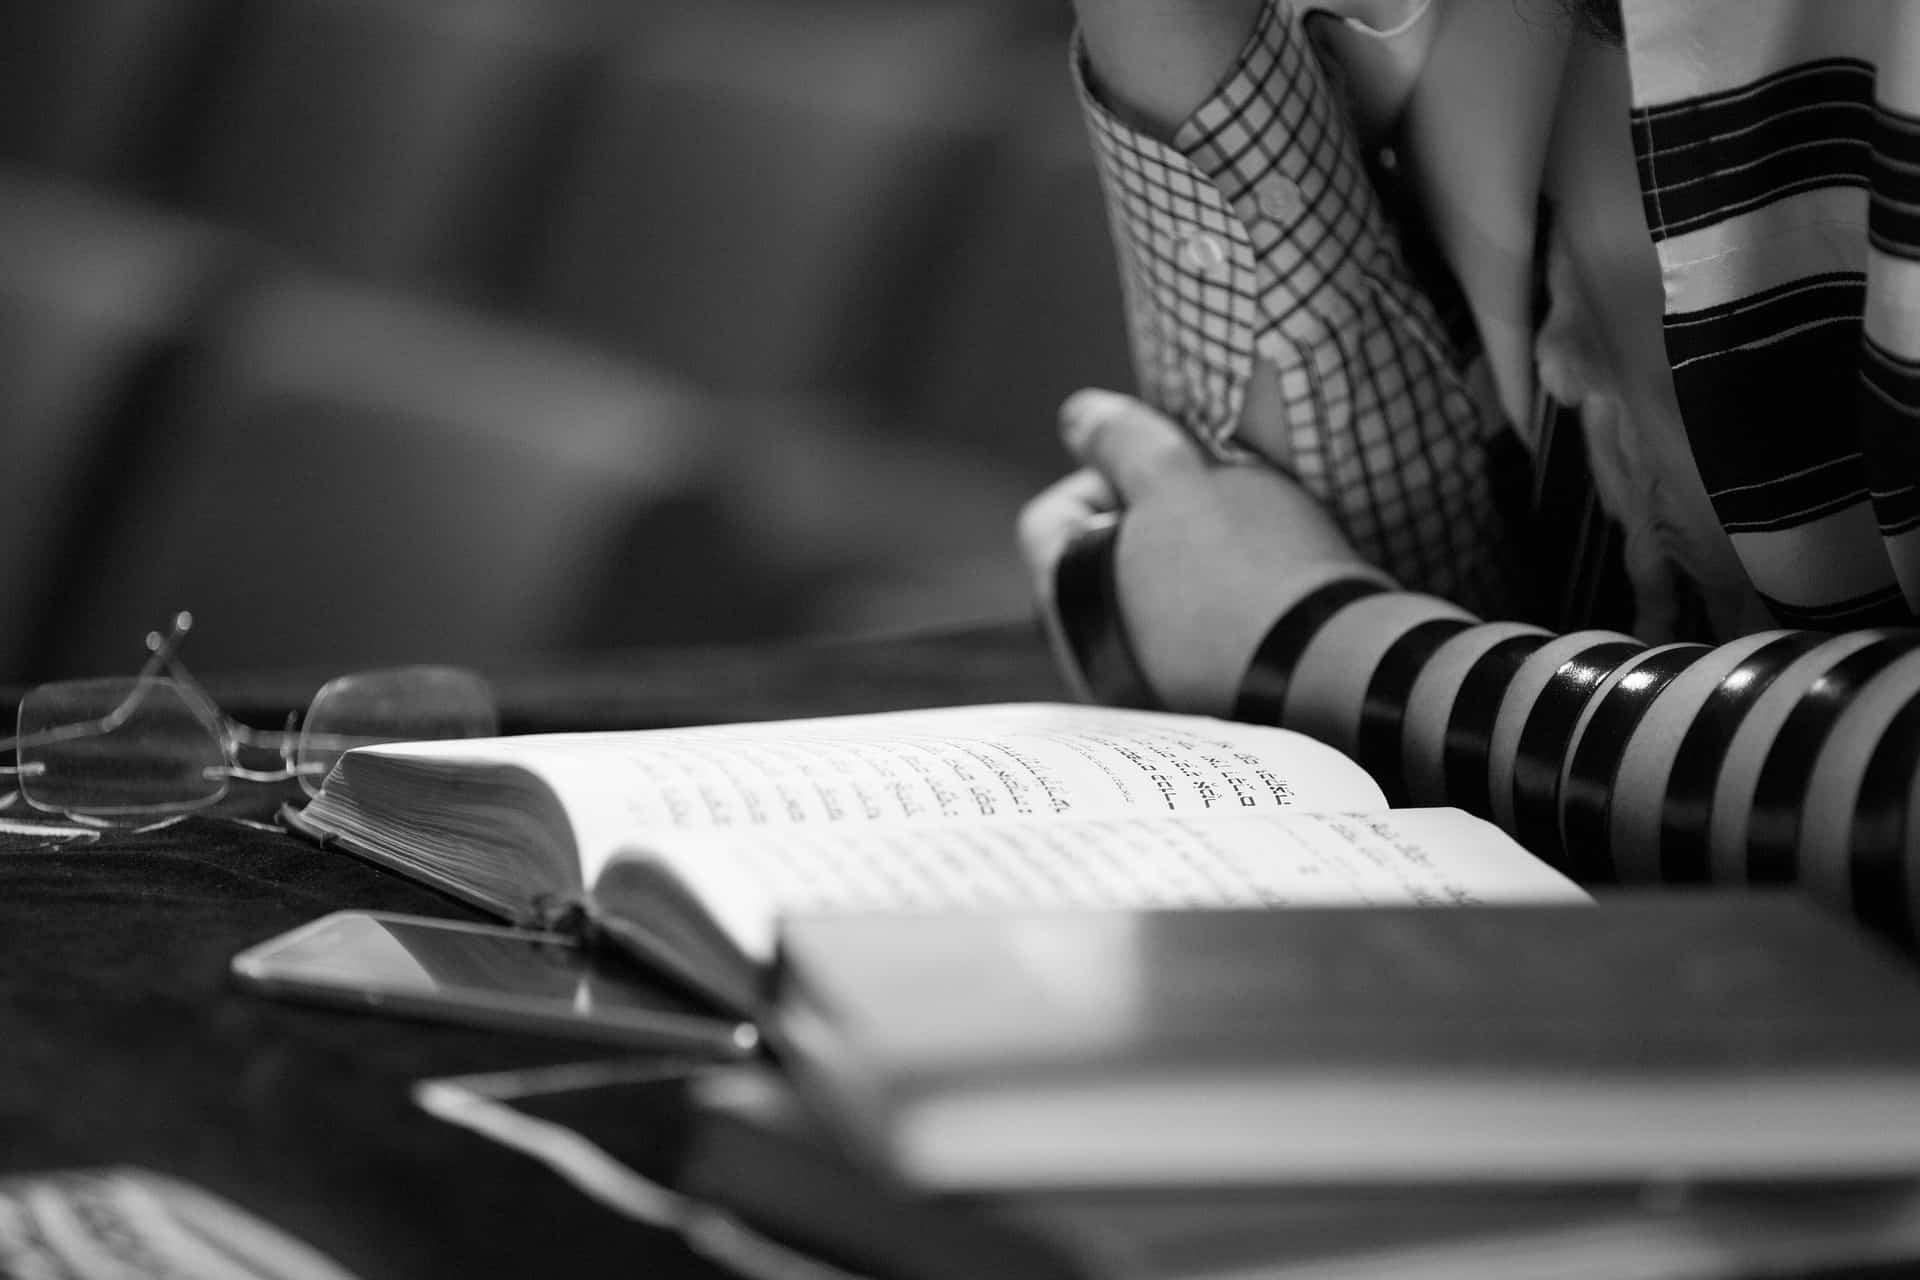 פרץ לבית הכנסת בו התפלל, צילום אילוסטרציה